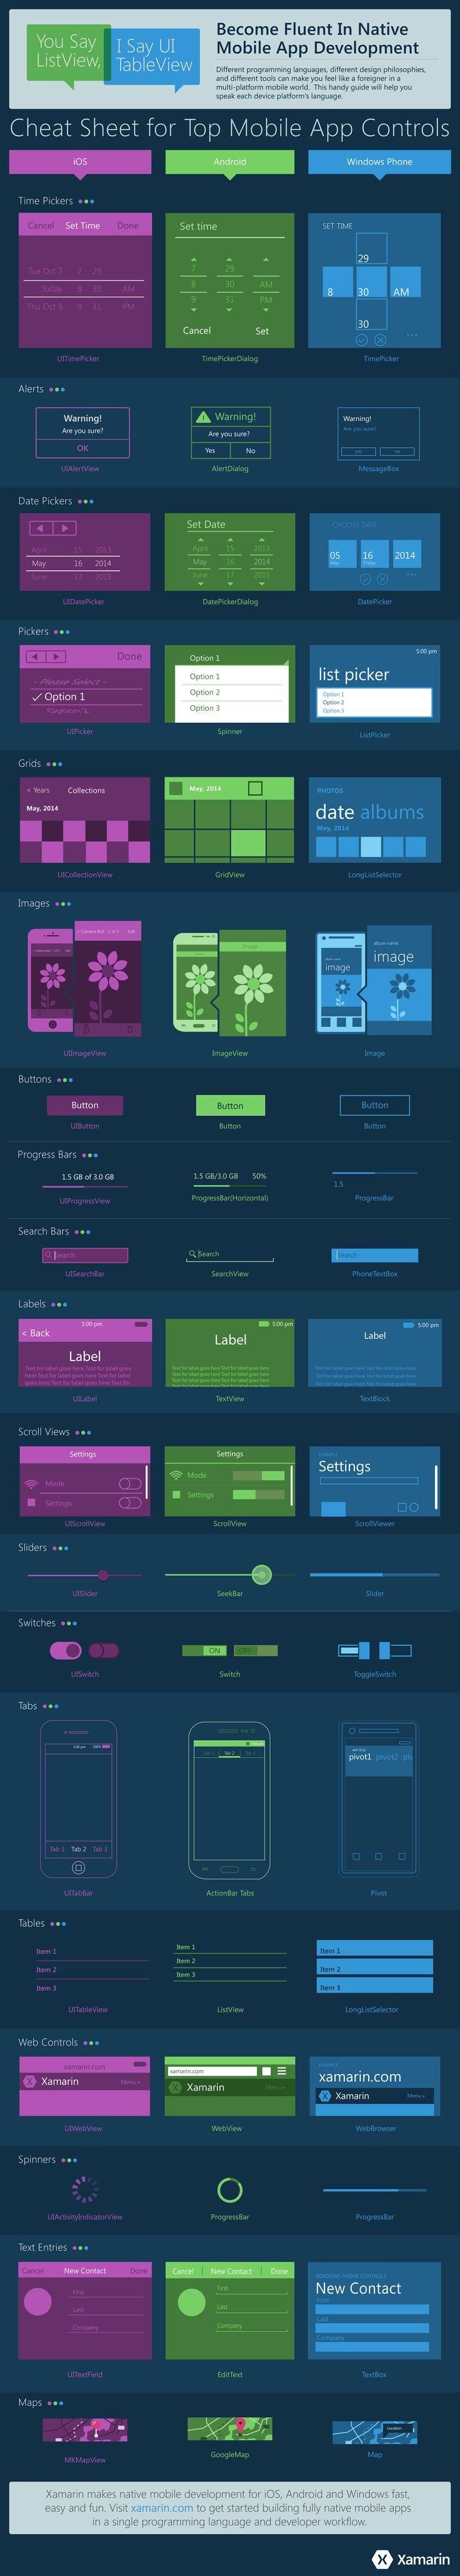 137 best web design mobile images on pinterest mobile ui user